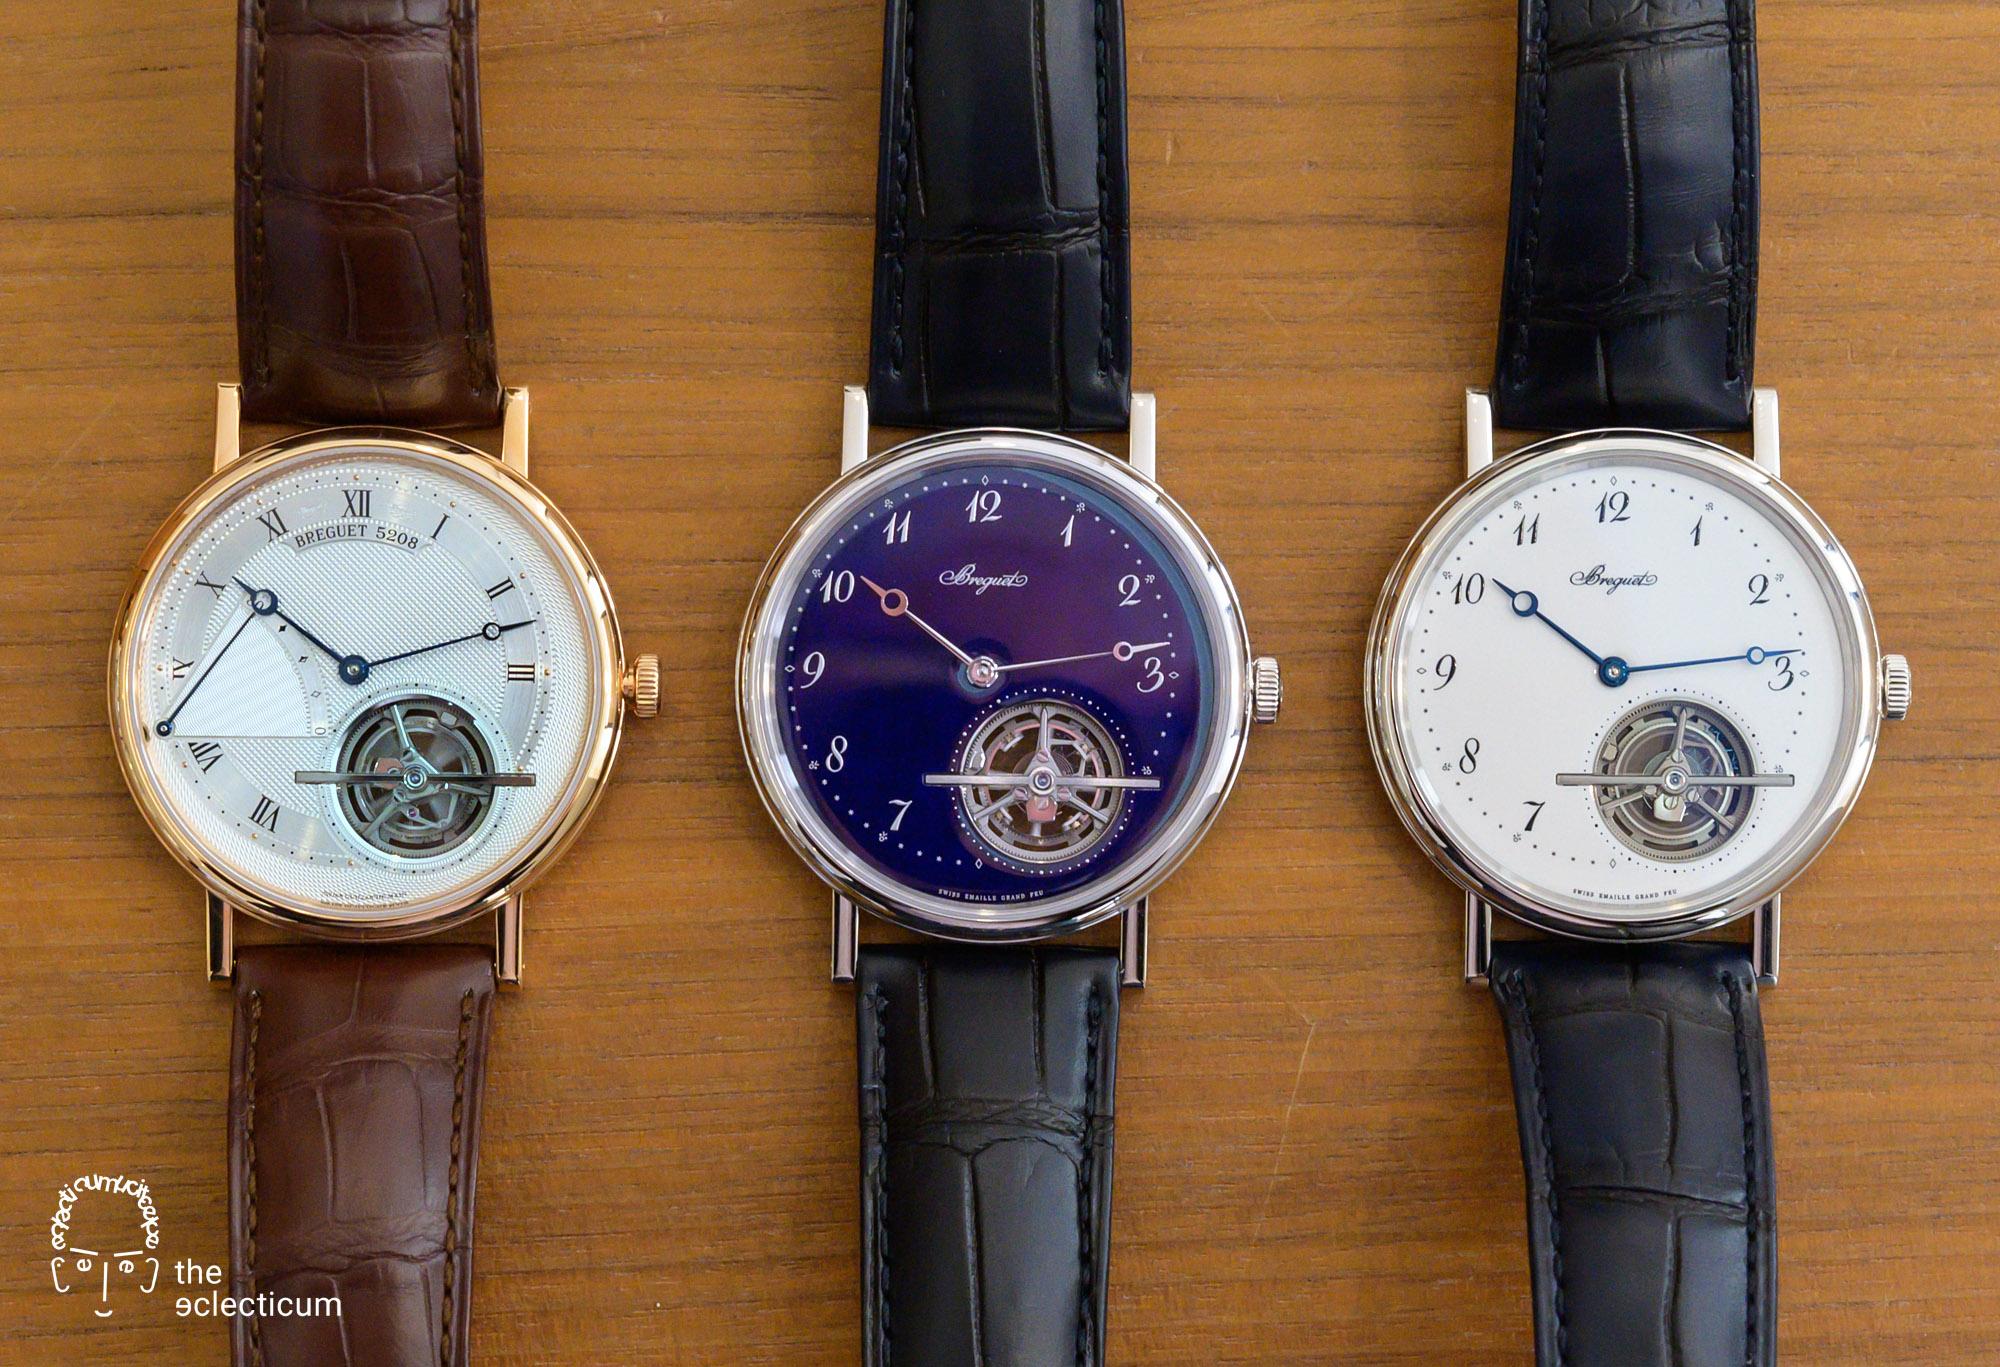 Breguet Classique Tourbillon Extra-Plat Blue Ref. 5367PT 5377 Grand Feu Enamel